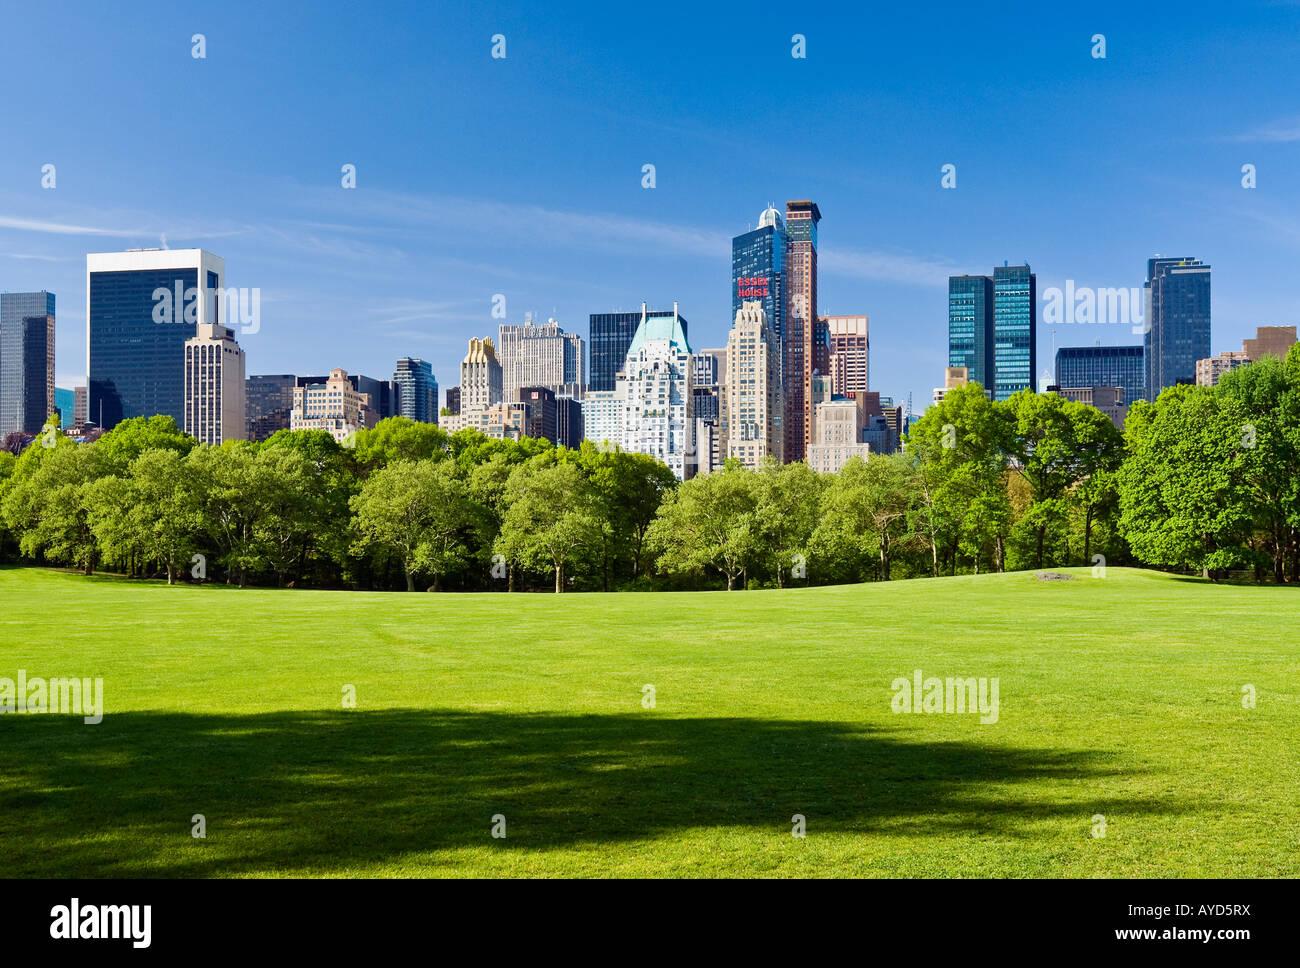 New York City, Central Park im Frühling mit Blick auf die Skyline von Midtown Manhattan. Stockbild